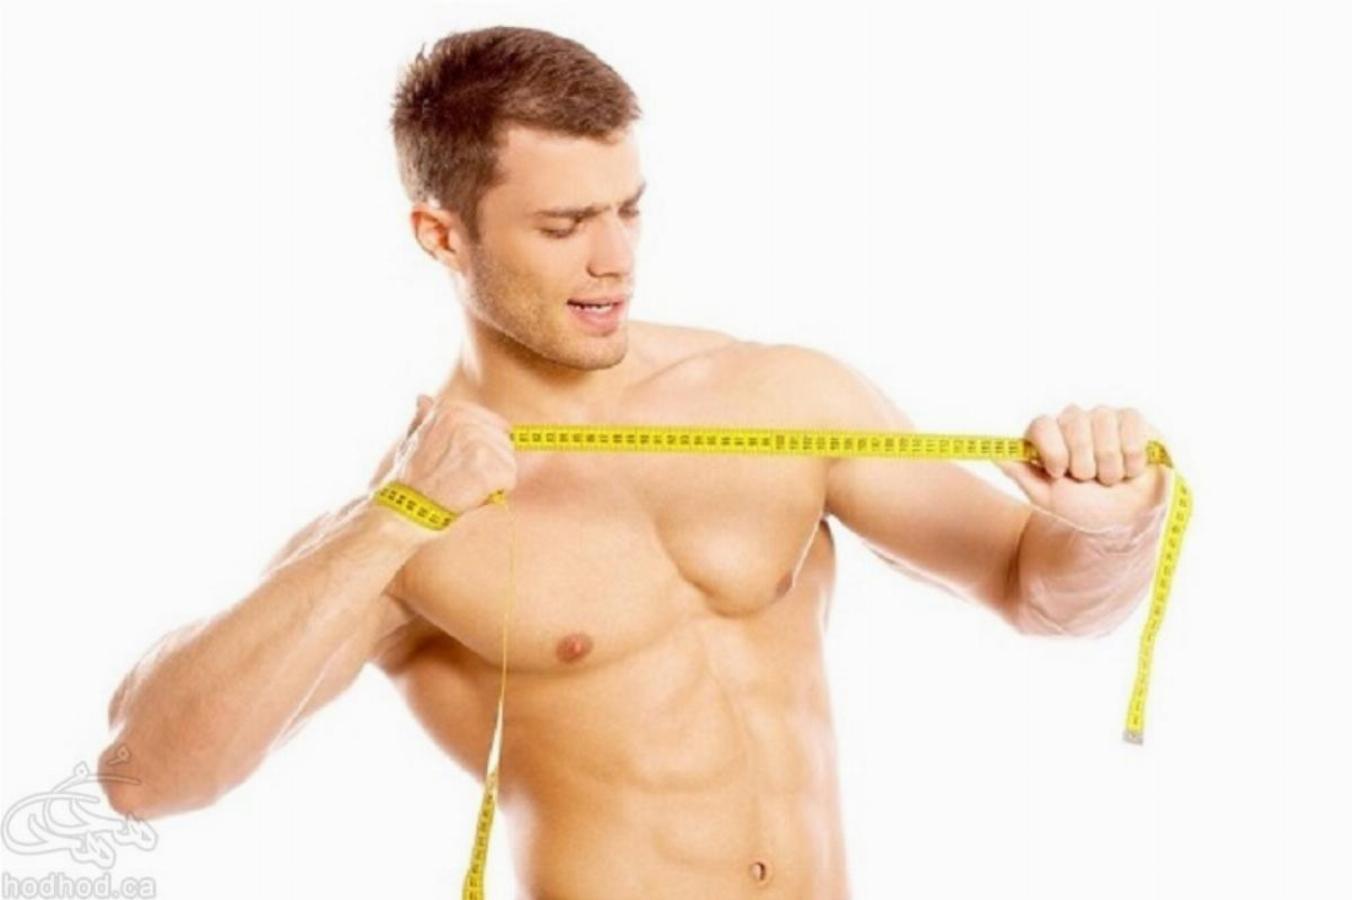 چگونه میتوانیم به رشد عضلات به طور طبیعی و بدون استروئید دست بیابیم؟